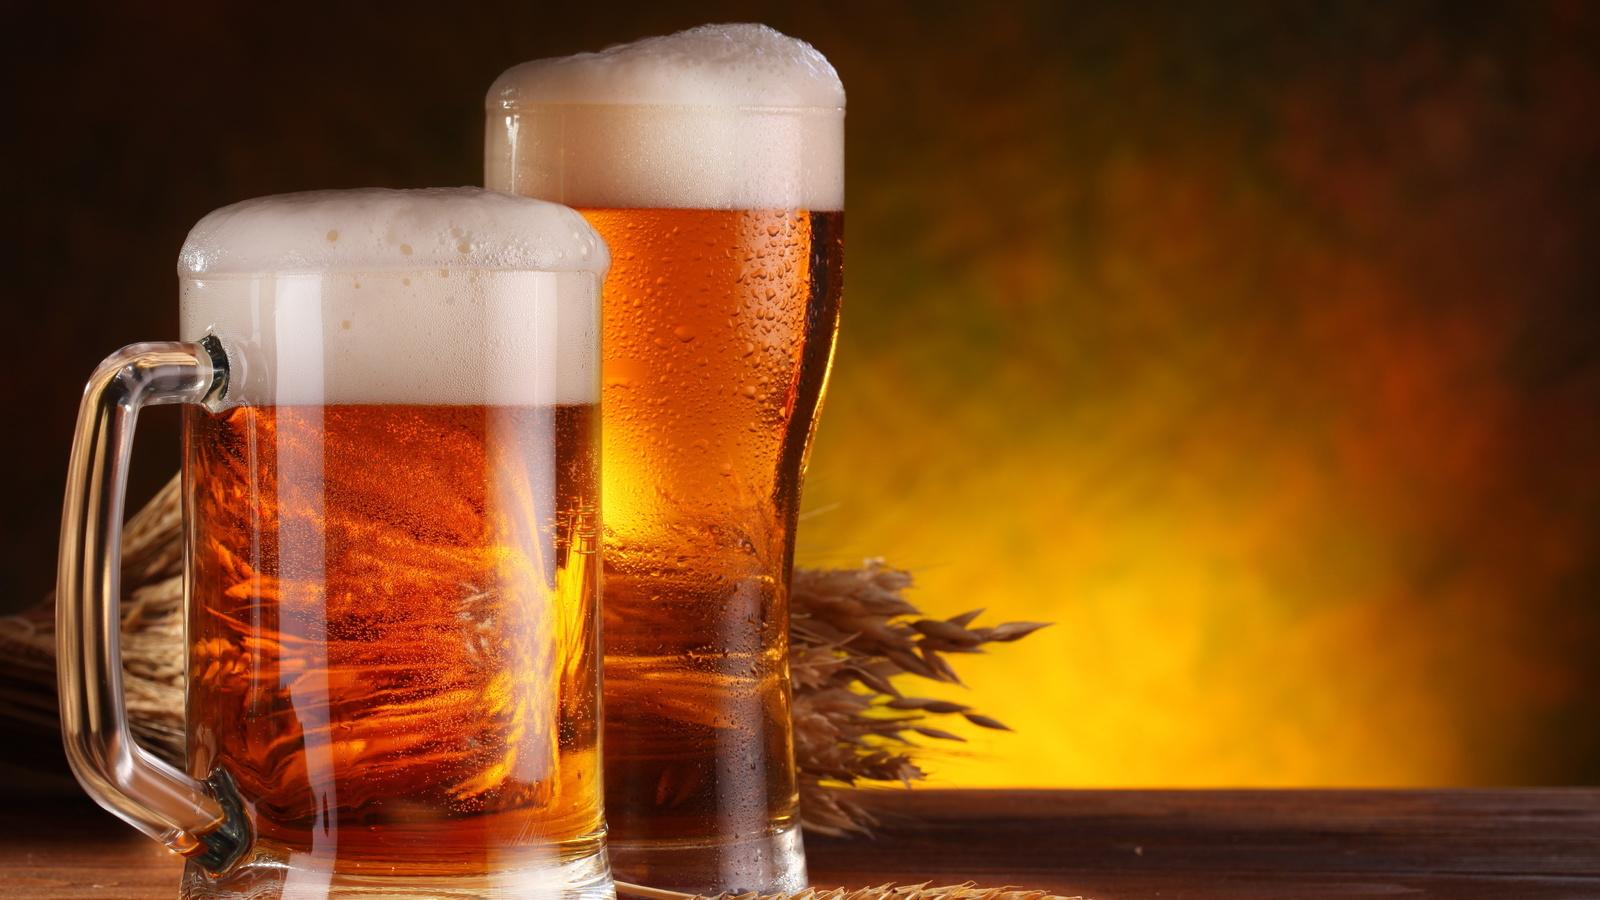 картинка пенящегося пива свое время считал